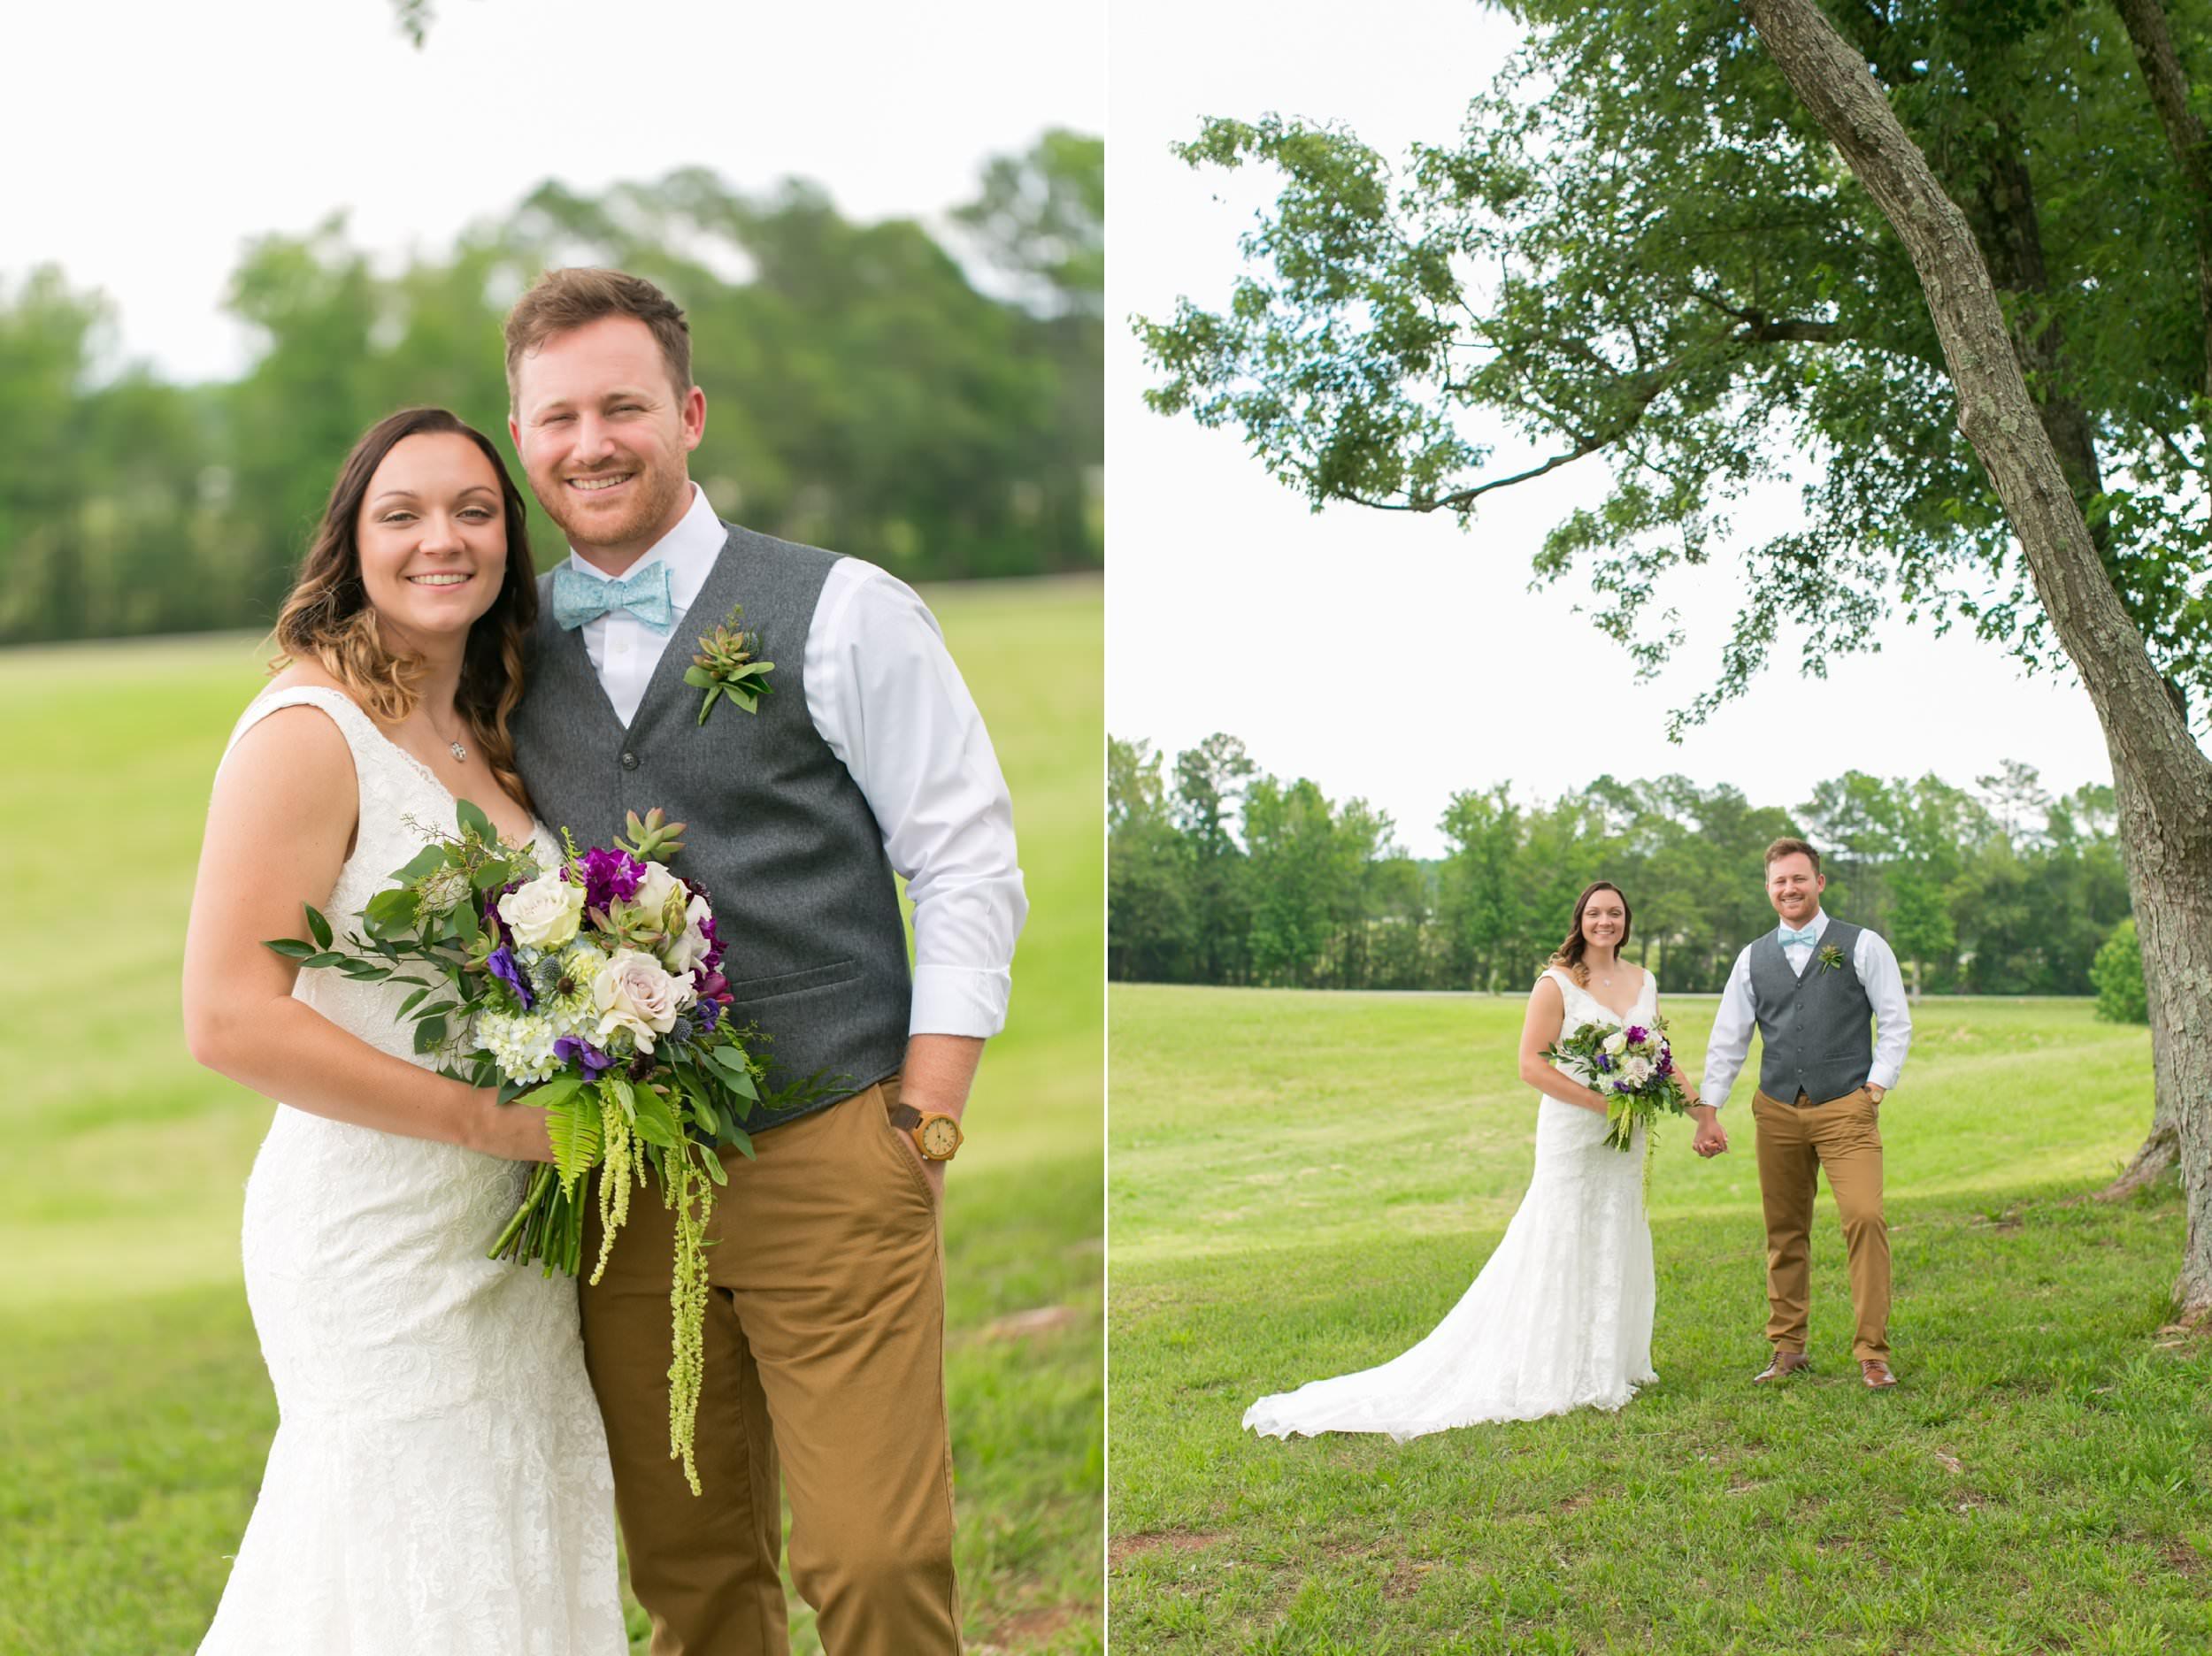 Abby-Manor-Events-Wedding-Photos22.jpg